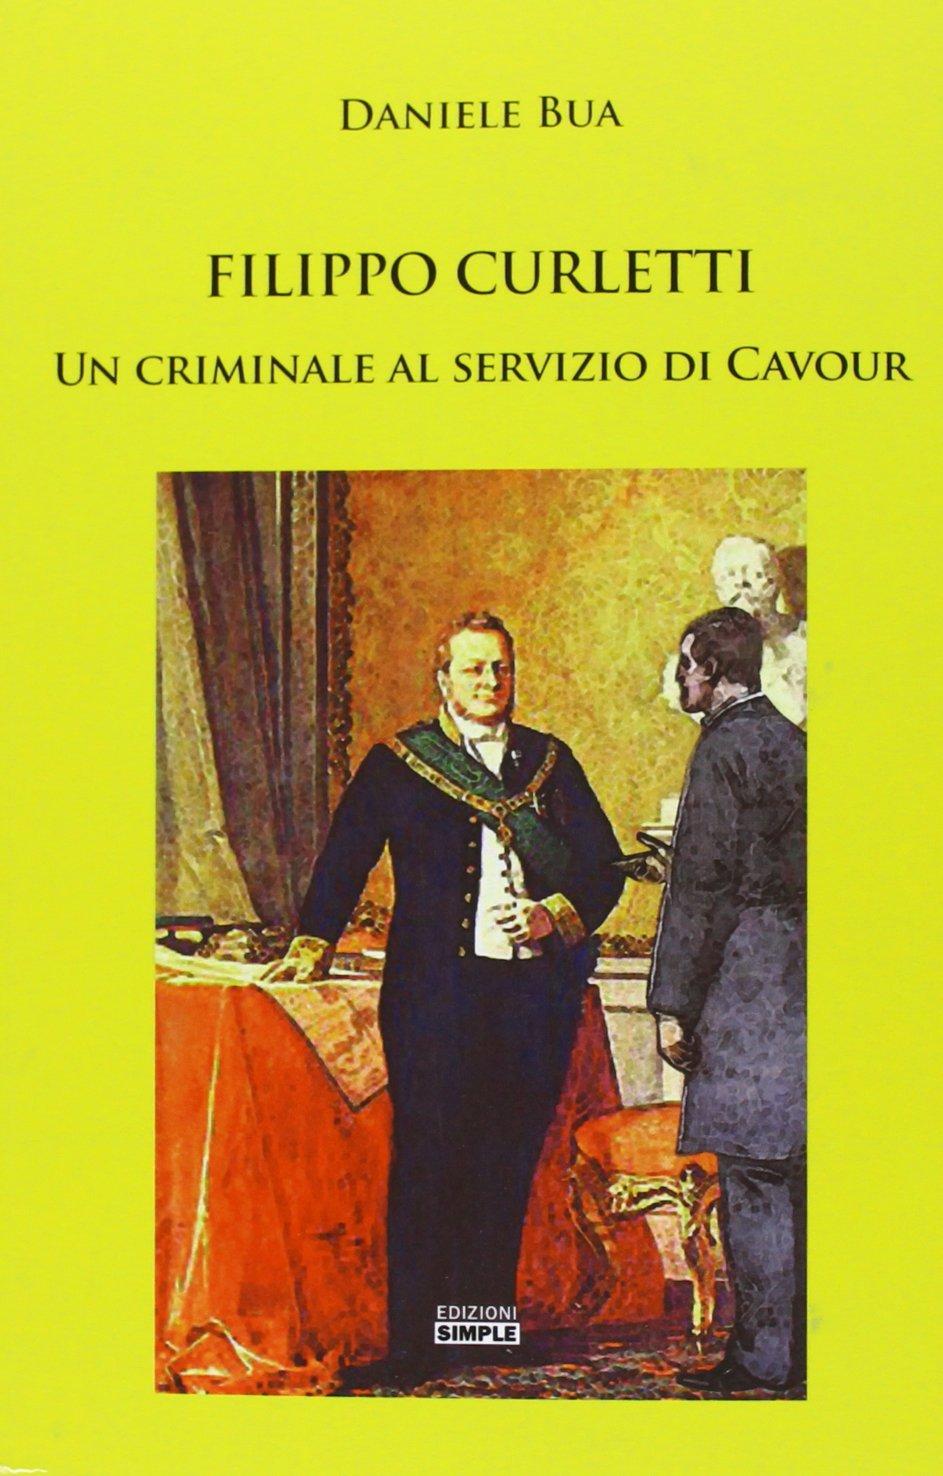 Filippo Curletti